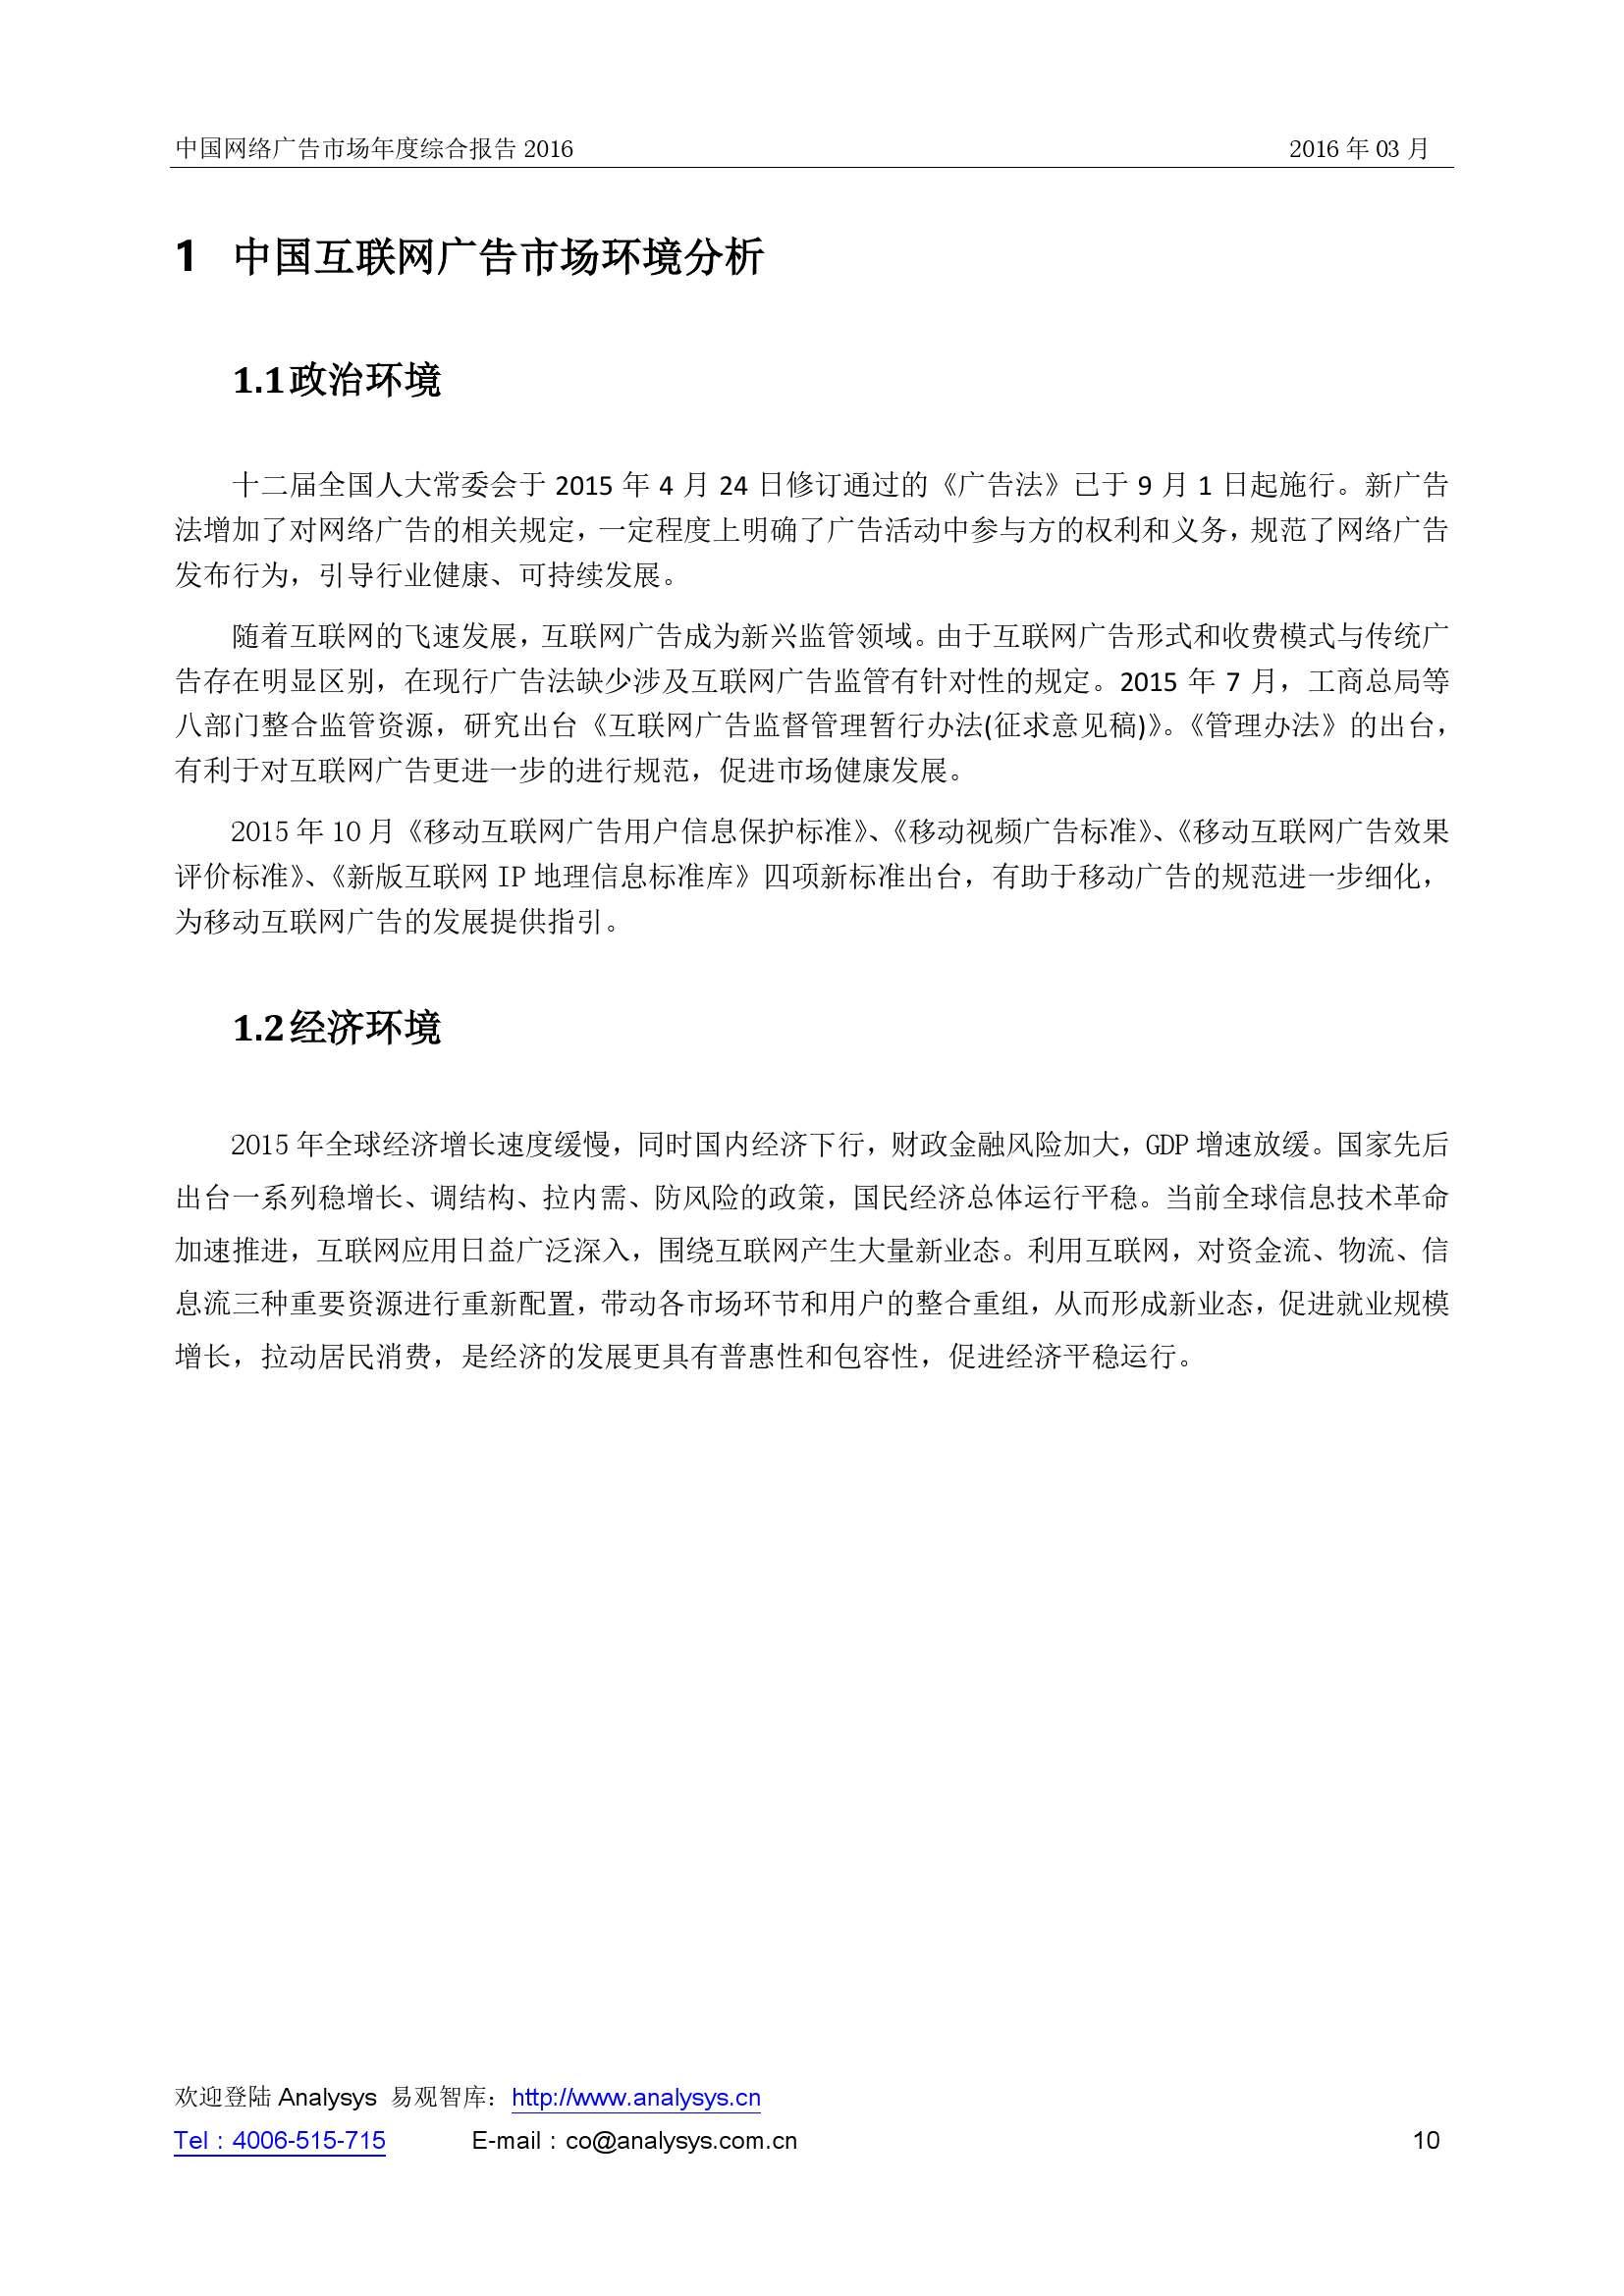 中国网络广告市场年度综合报告2016_000010